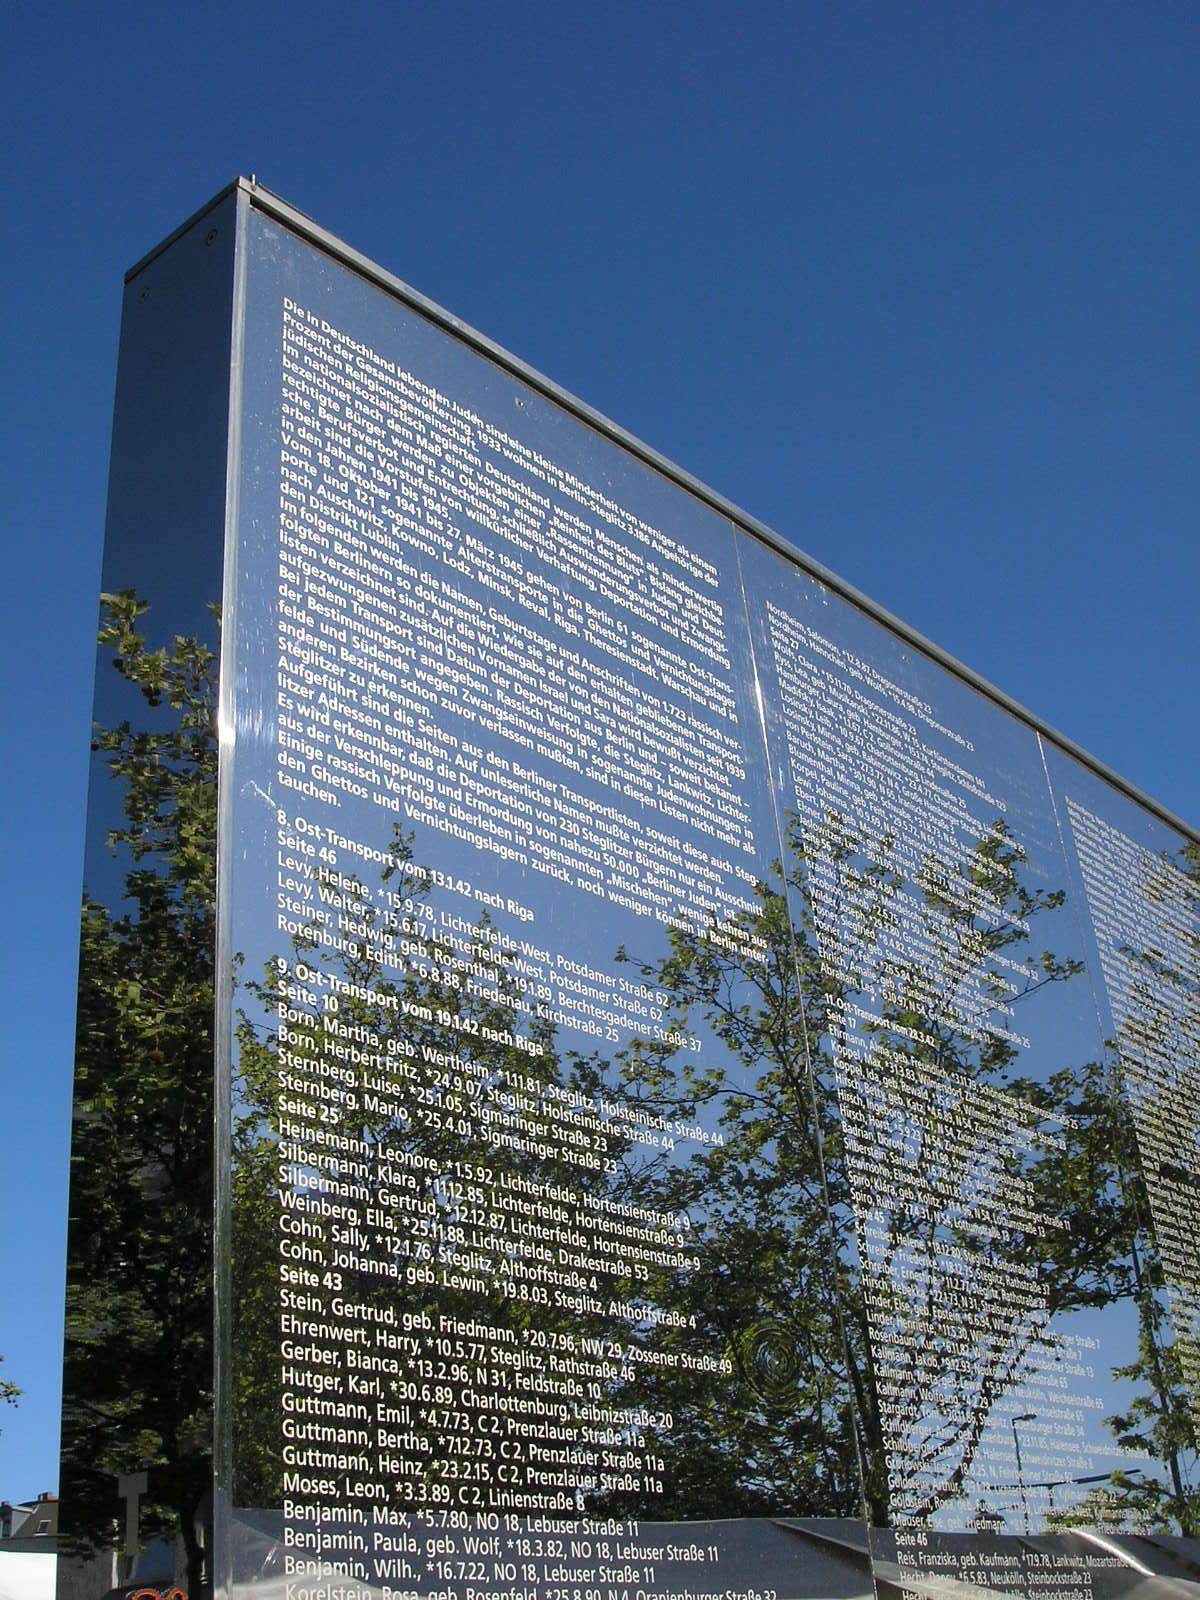 Spiegelwand Denkzeichen in Steglitz Holocaust memorial